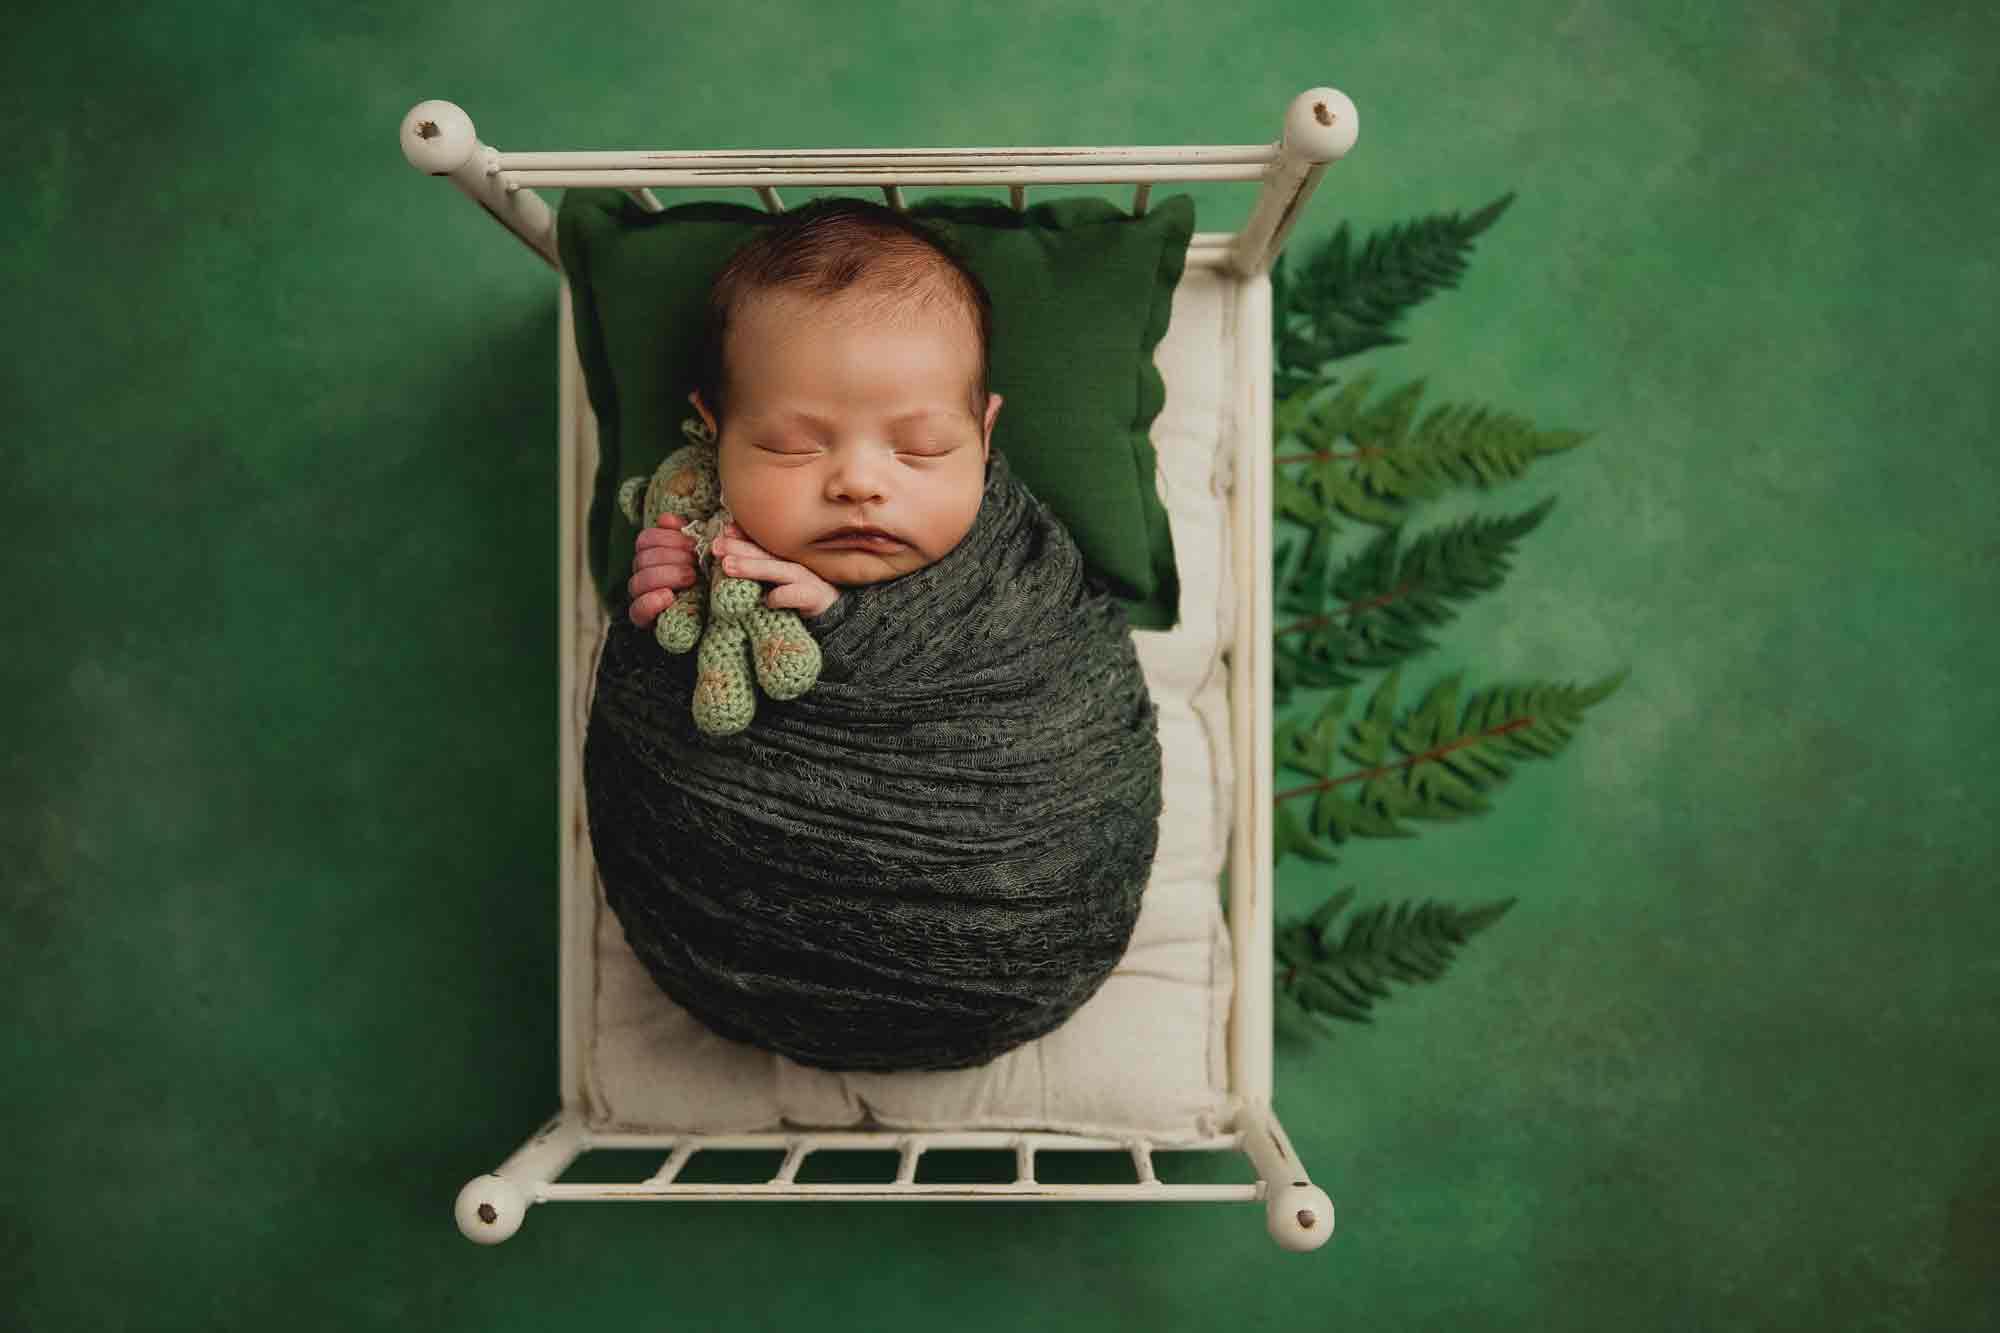 sergio-moreno-fabrica-de-suenos--cursos-de-fotografia-de-recien-nacidos-newborns-fotofest13